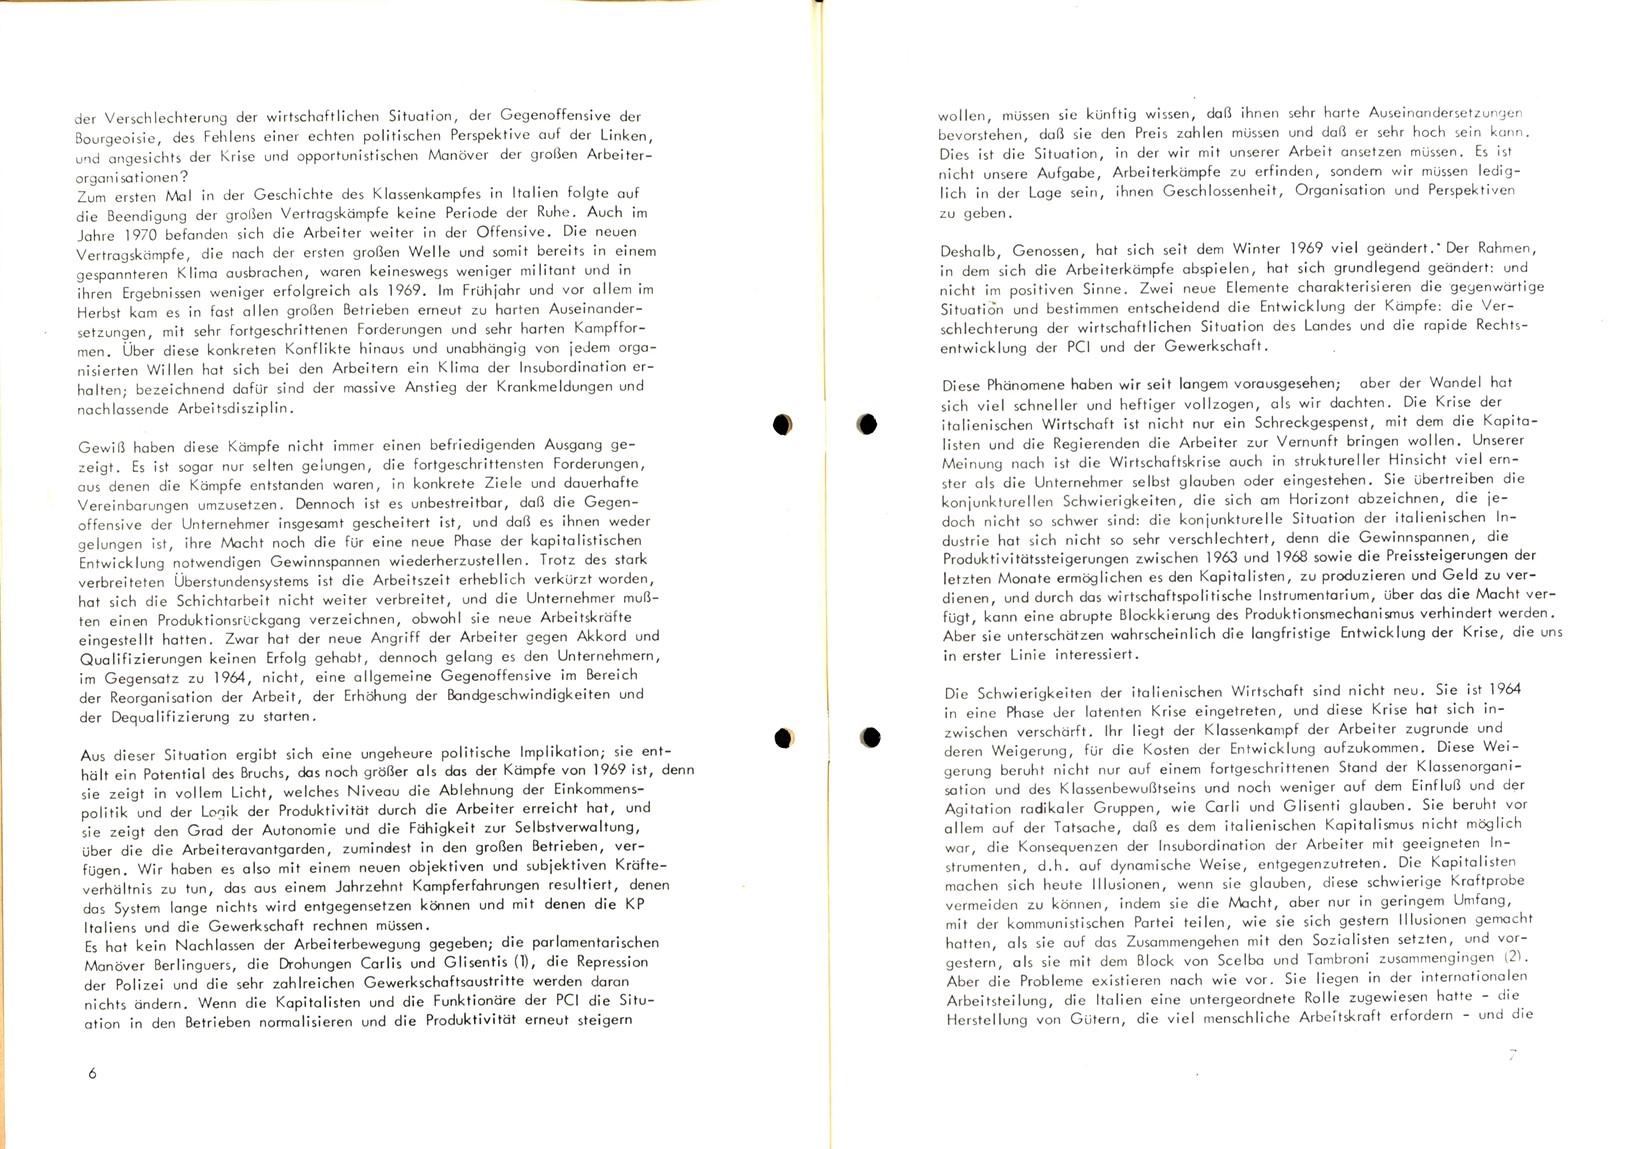 Manifesto_1971_Einheit_der_Klassenlinken_04